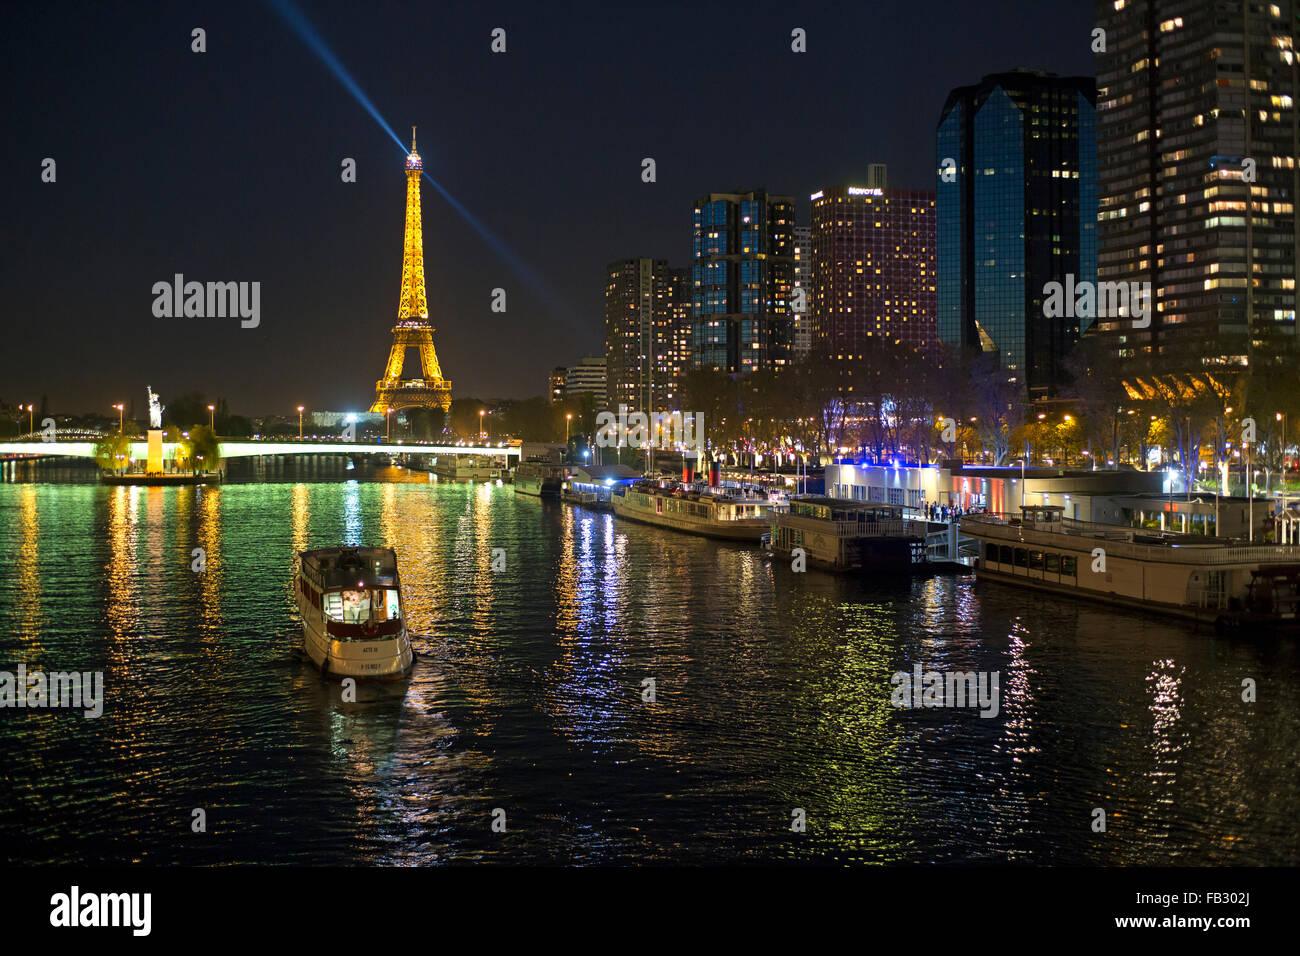 Vista nocturna del río Sena, con barcos y edificios de gran altura, en la orilla izquierda, y la Torre Eiffel, Imagen De Stock